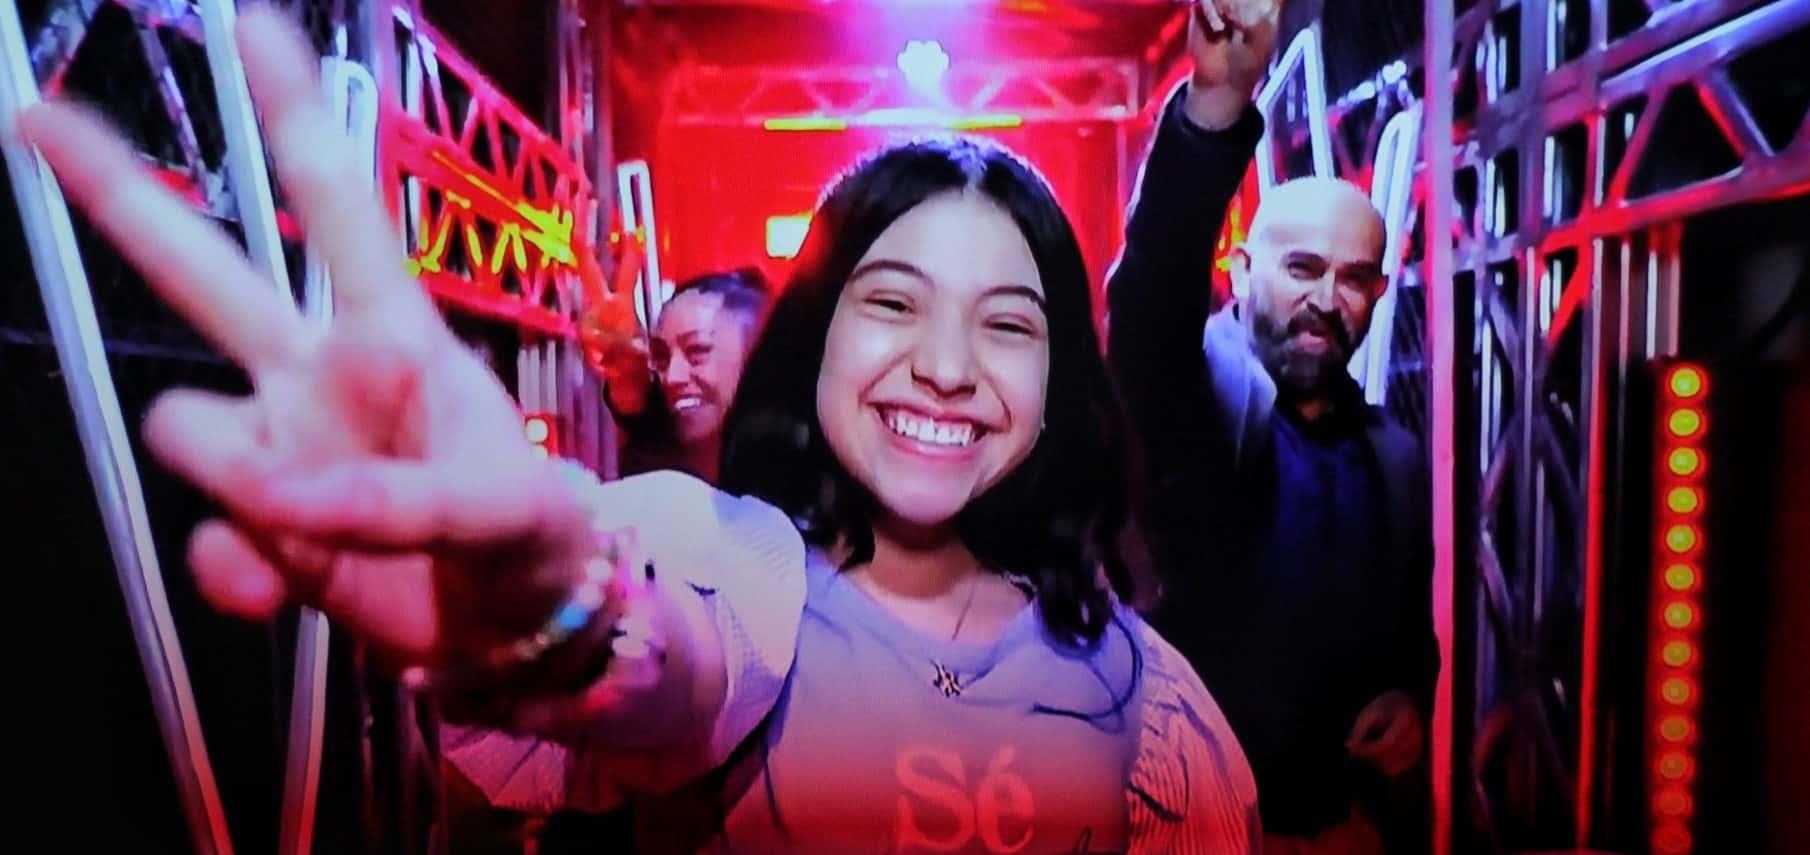 La boyacense Isabella Villamil Brijaldo cautivó al jurado internacional de la Voz Kids